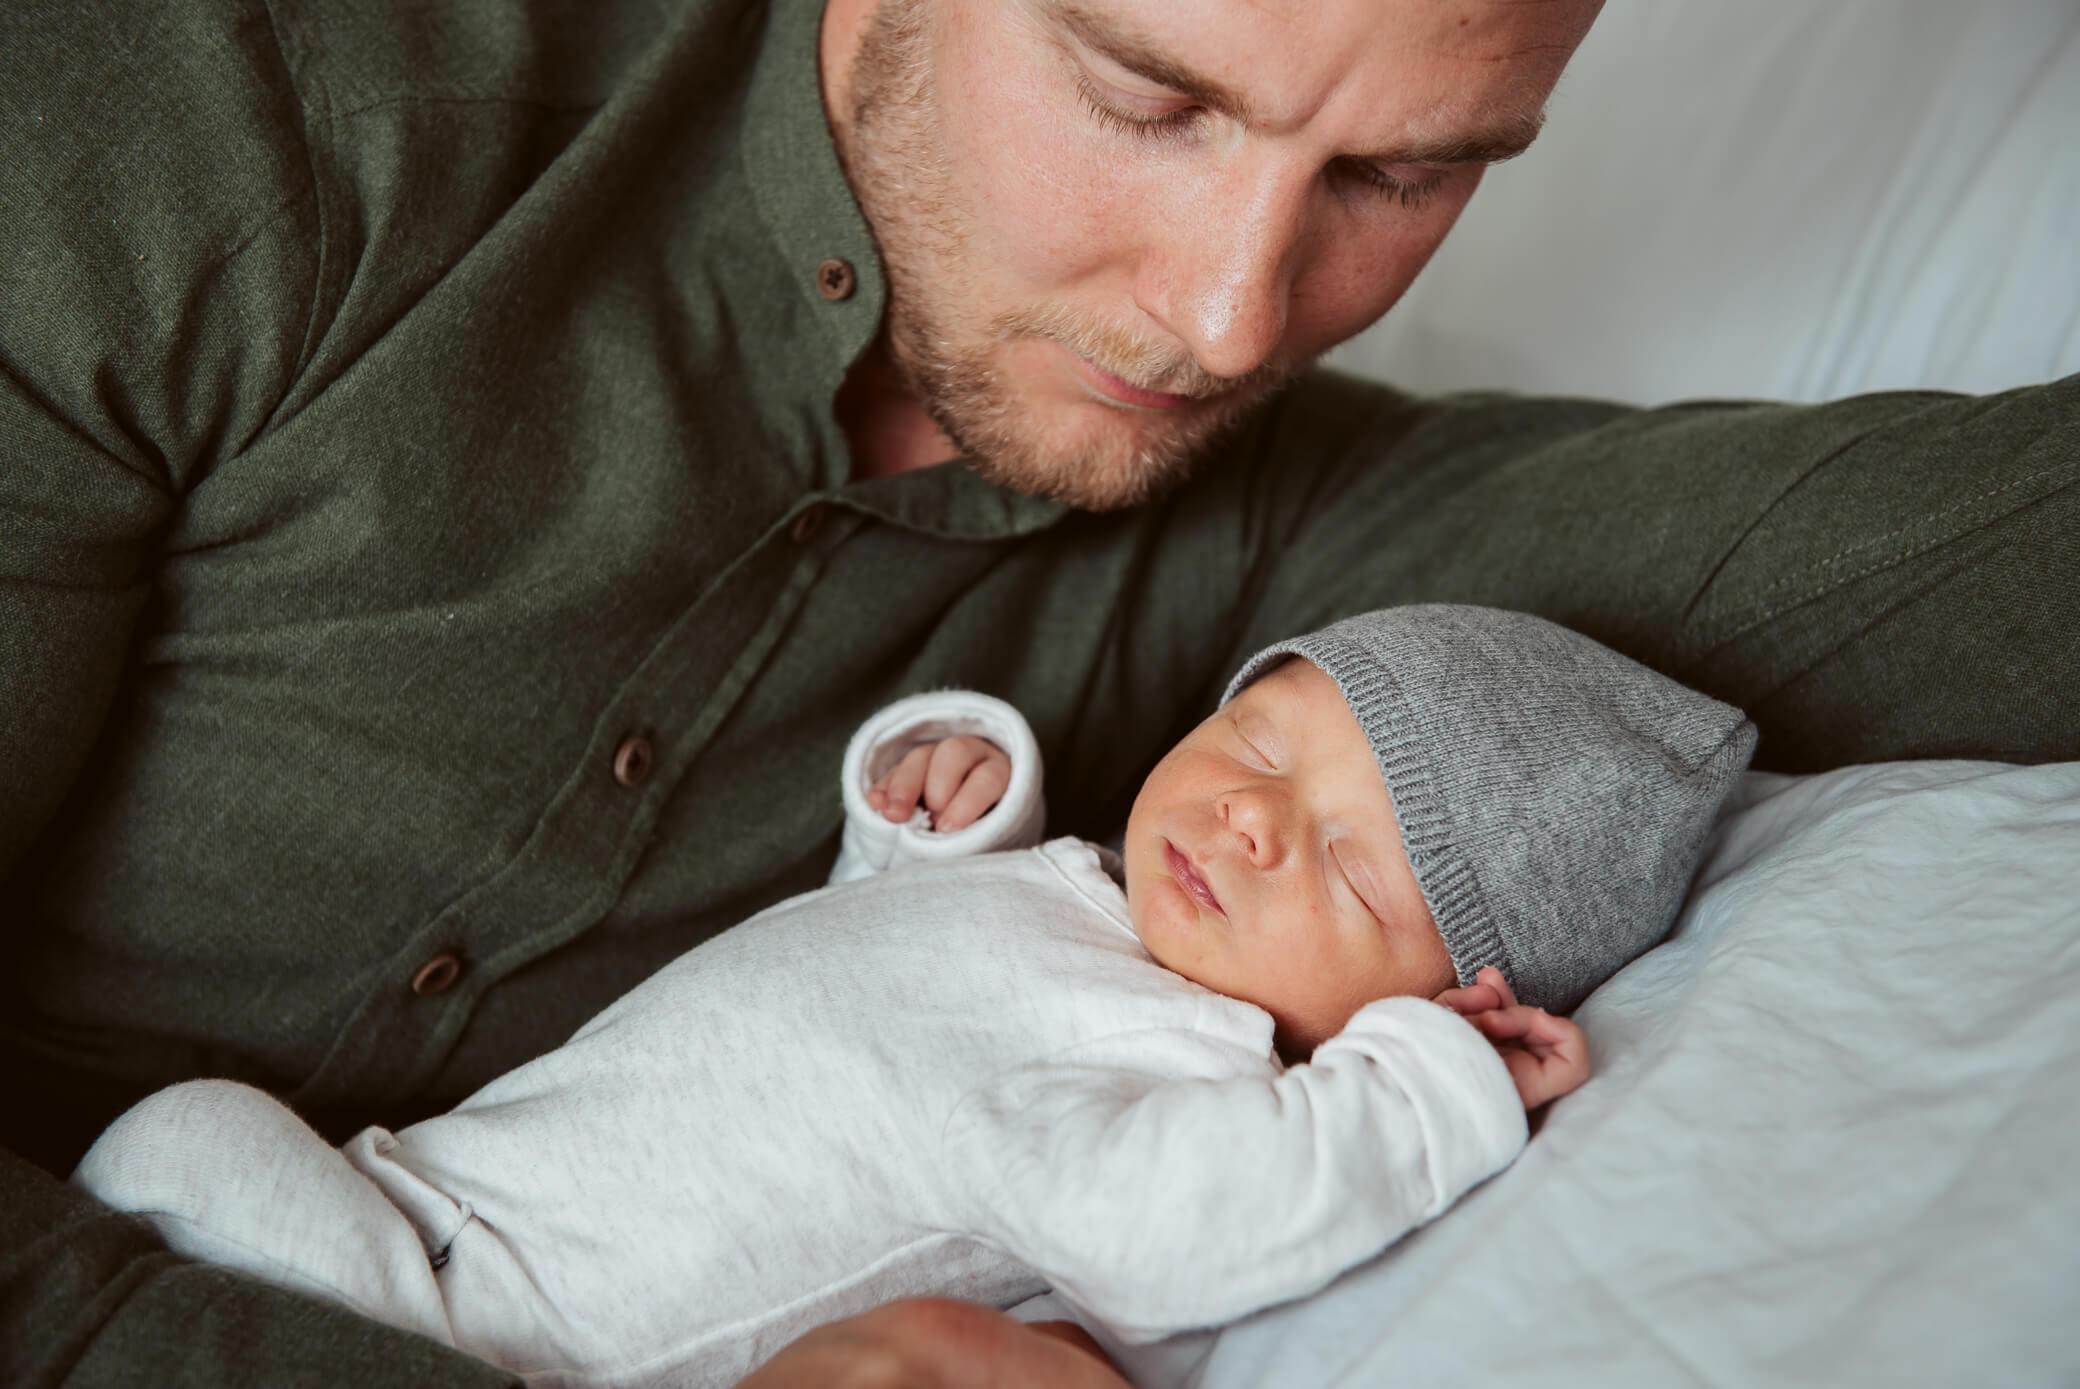 Papa kijkt liefdevol naar baby tijdens newbornshoot